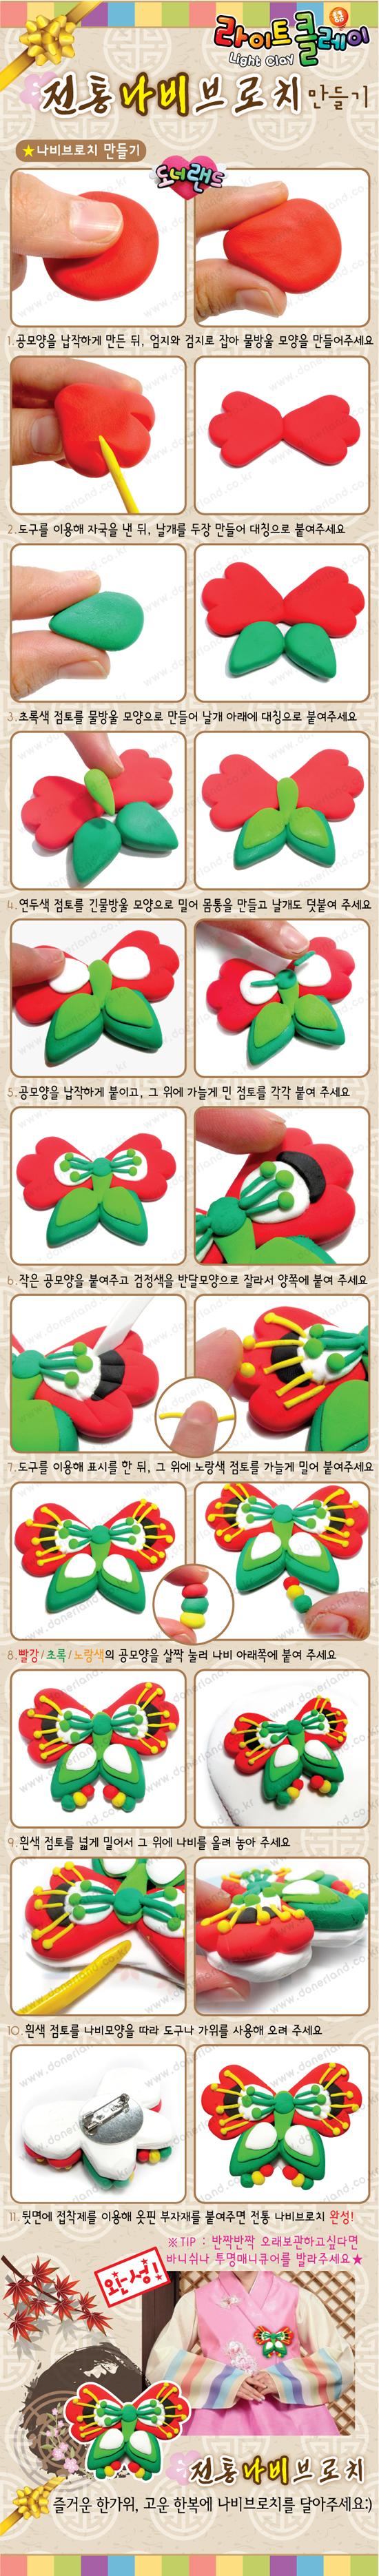 전통 나비 브로치 만들기